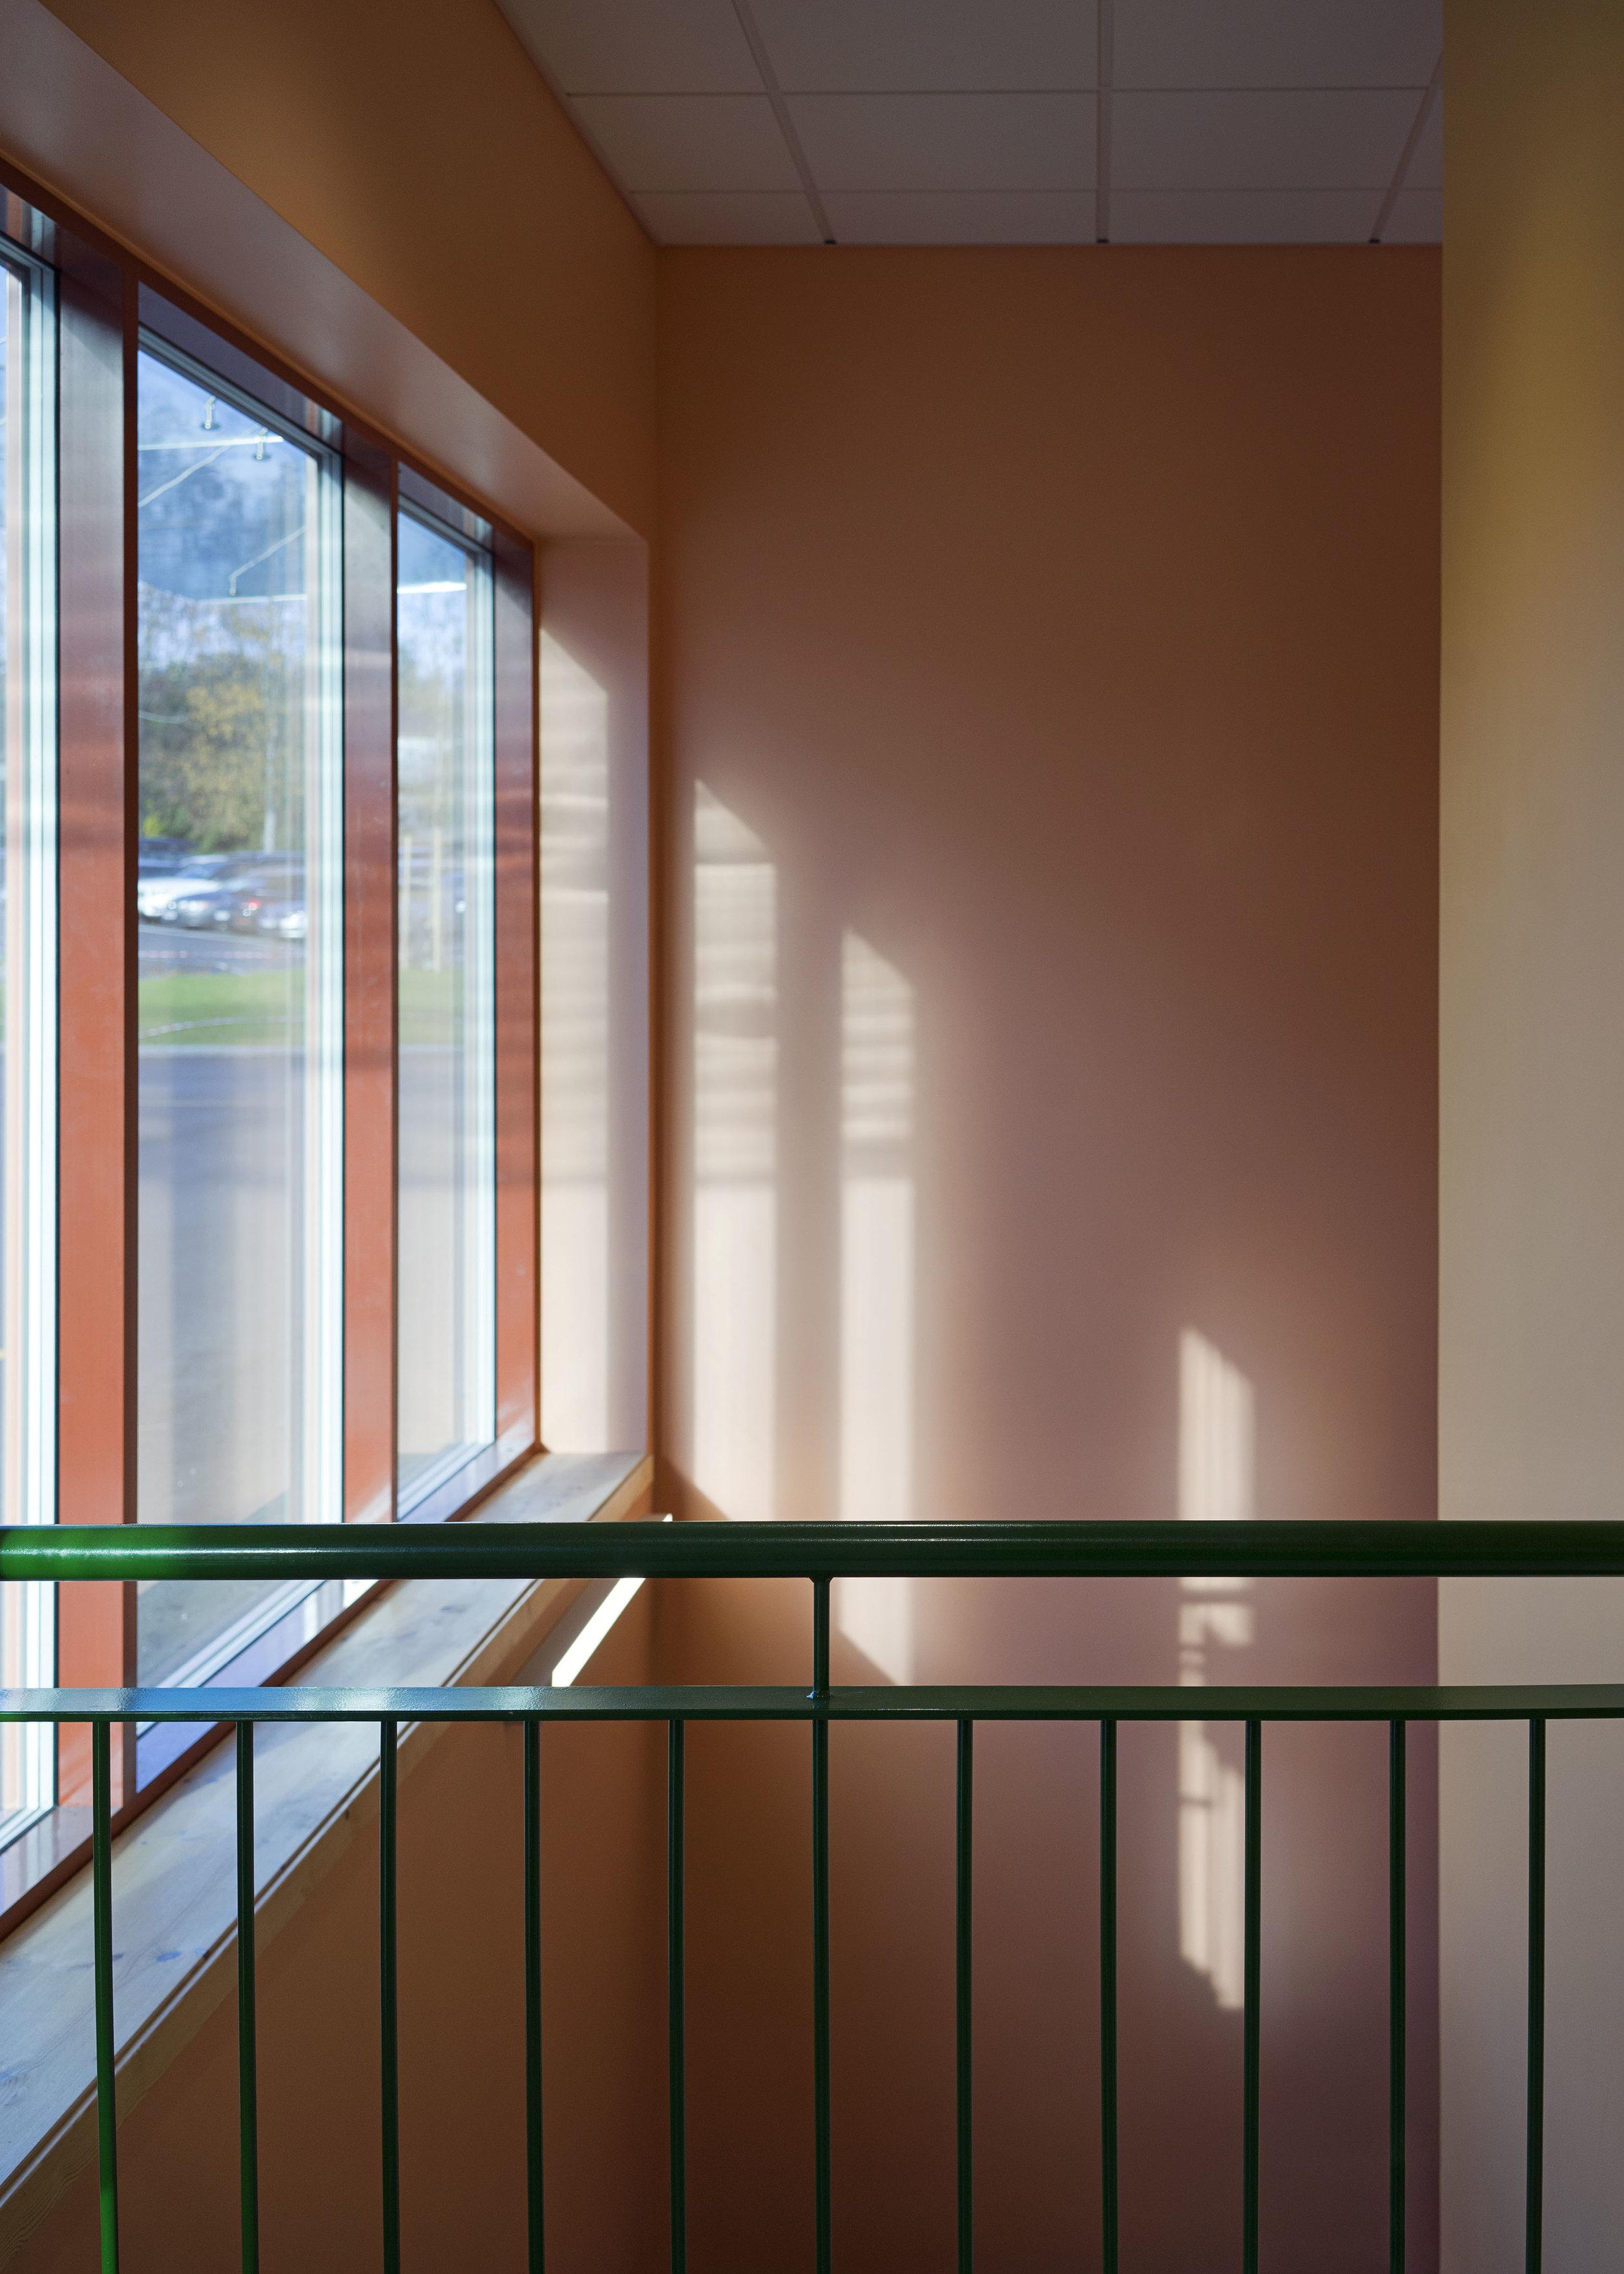 Planforum Arkitekter_Hebekk skole_Gymsal_Trapp_03_Foto Eli Haugen Sandnes.jpg